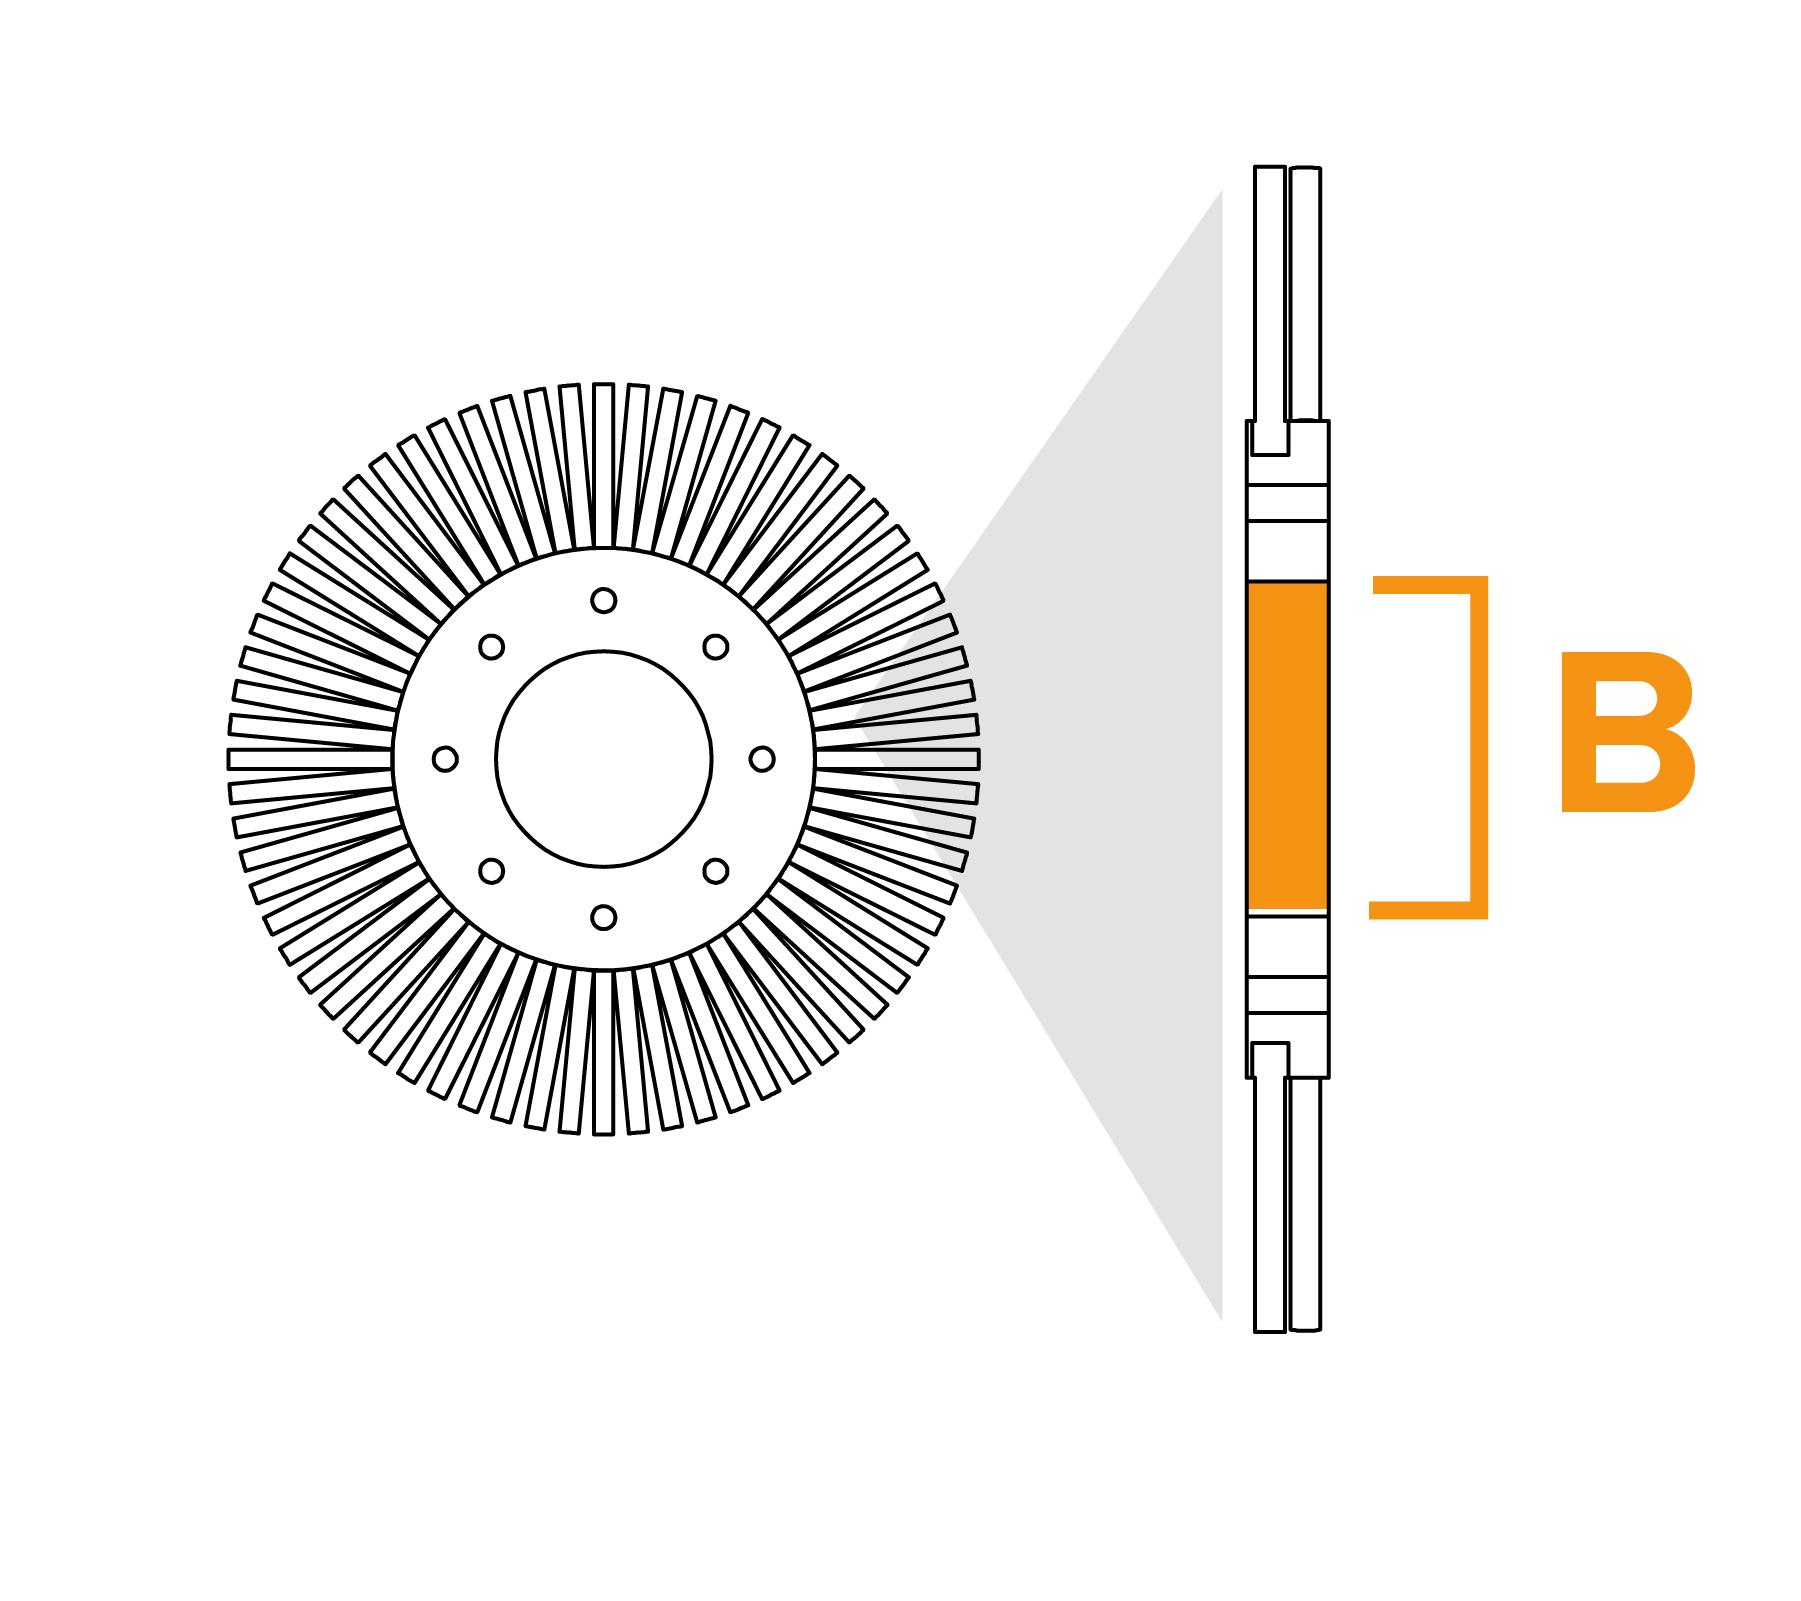 Potloodborstel met vaste kern - diagram B